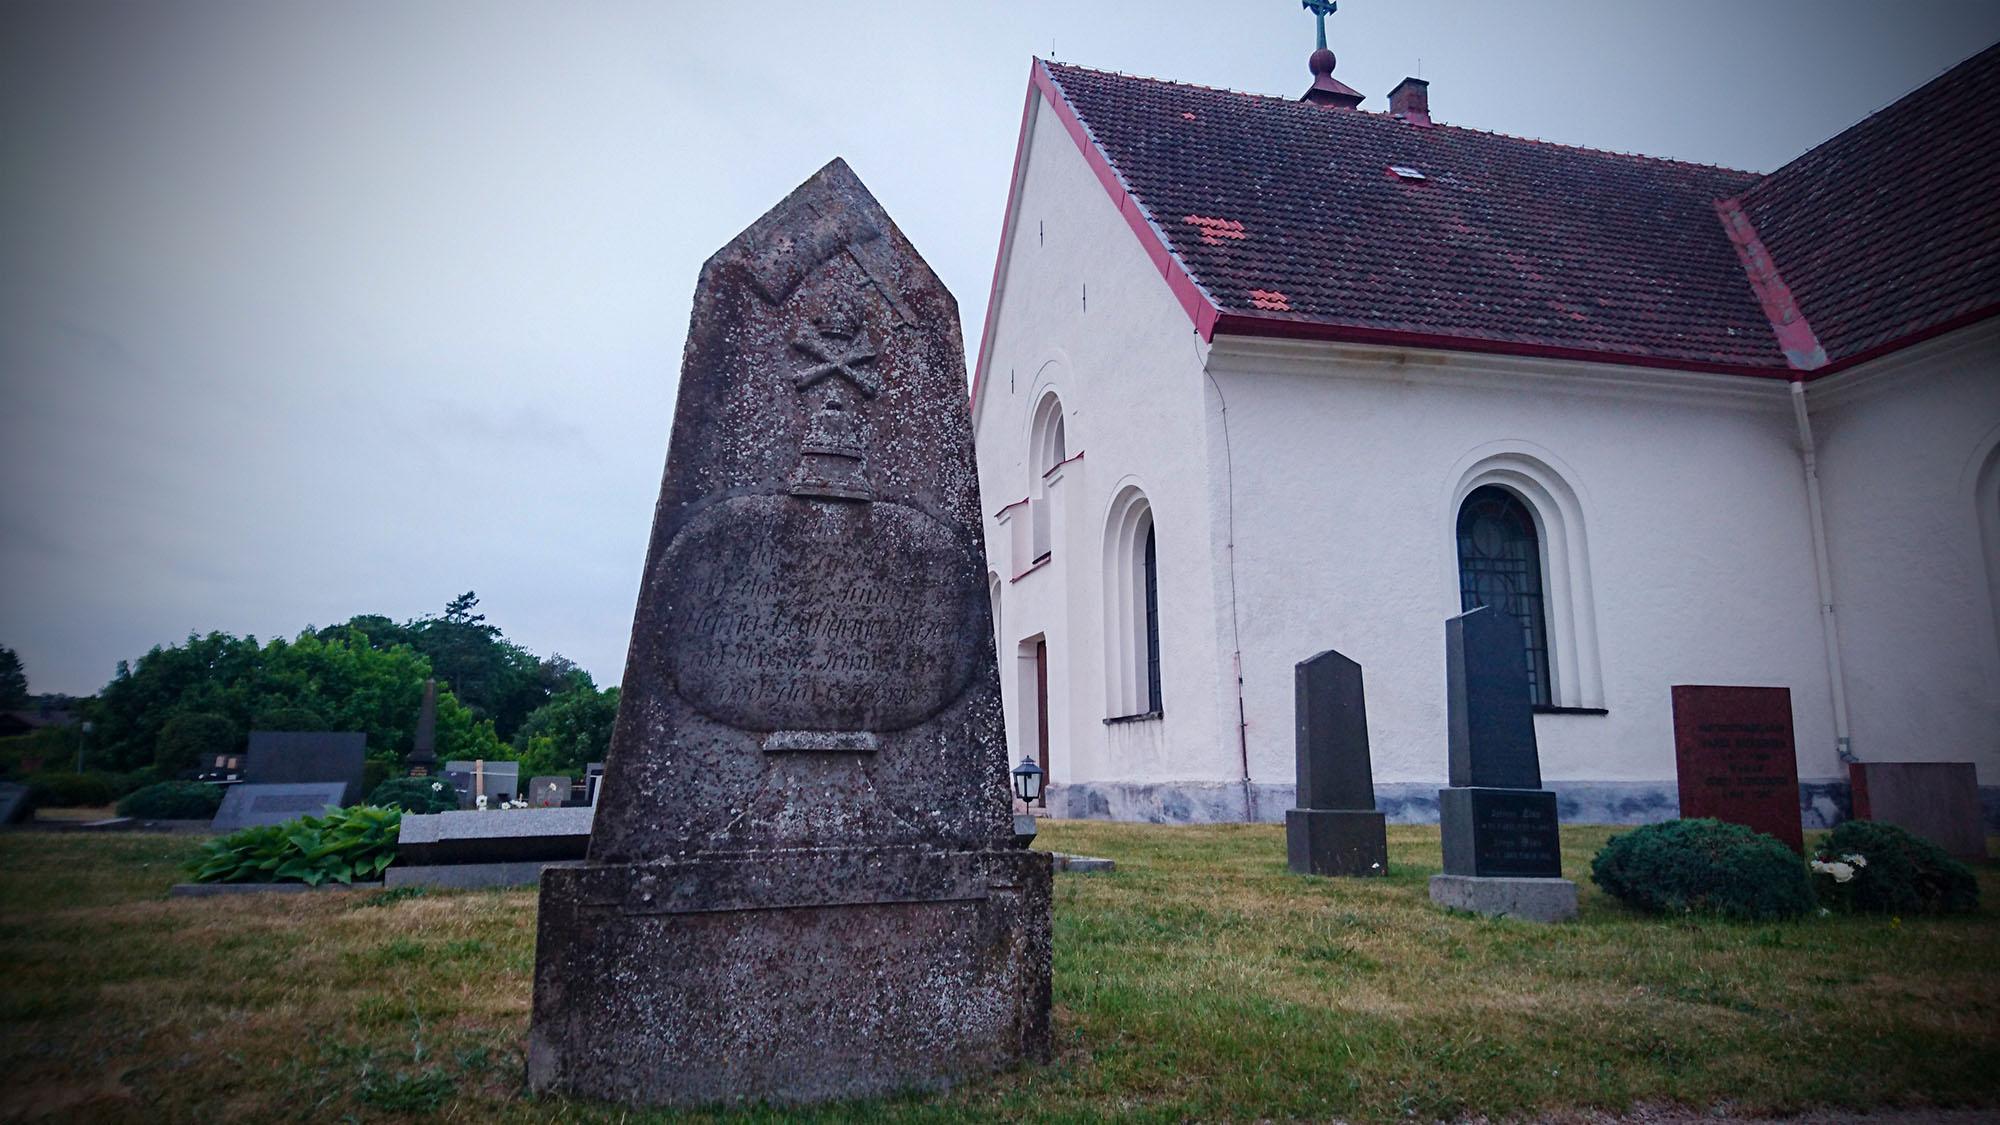 När denna gravsten restes var det vanligt med dödskalle och korslagda ben. Det är alltså ingen sjörövare som vilar här, utan en av byns tidigare gästgifvare.